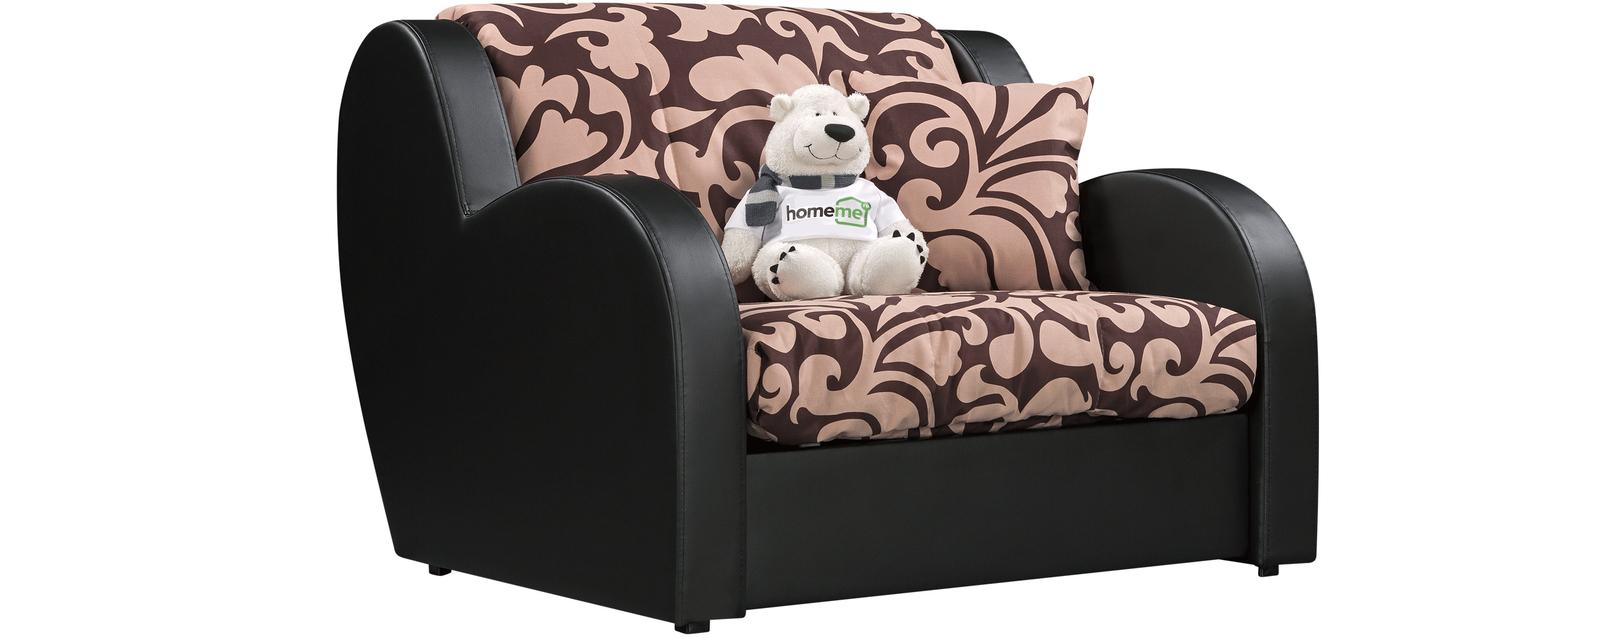 Кресло тканевое Барон Fandy коричневый (Ткань + Экокожа)